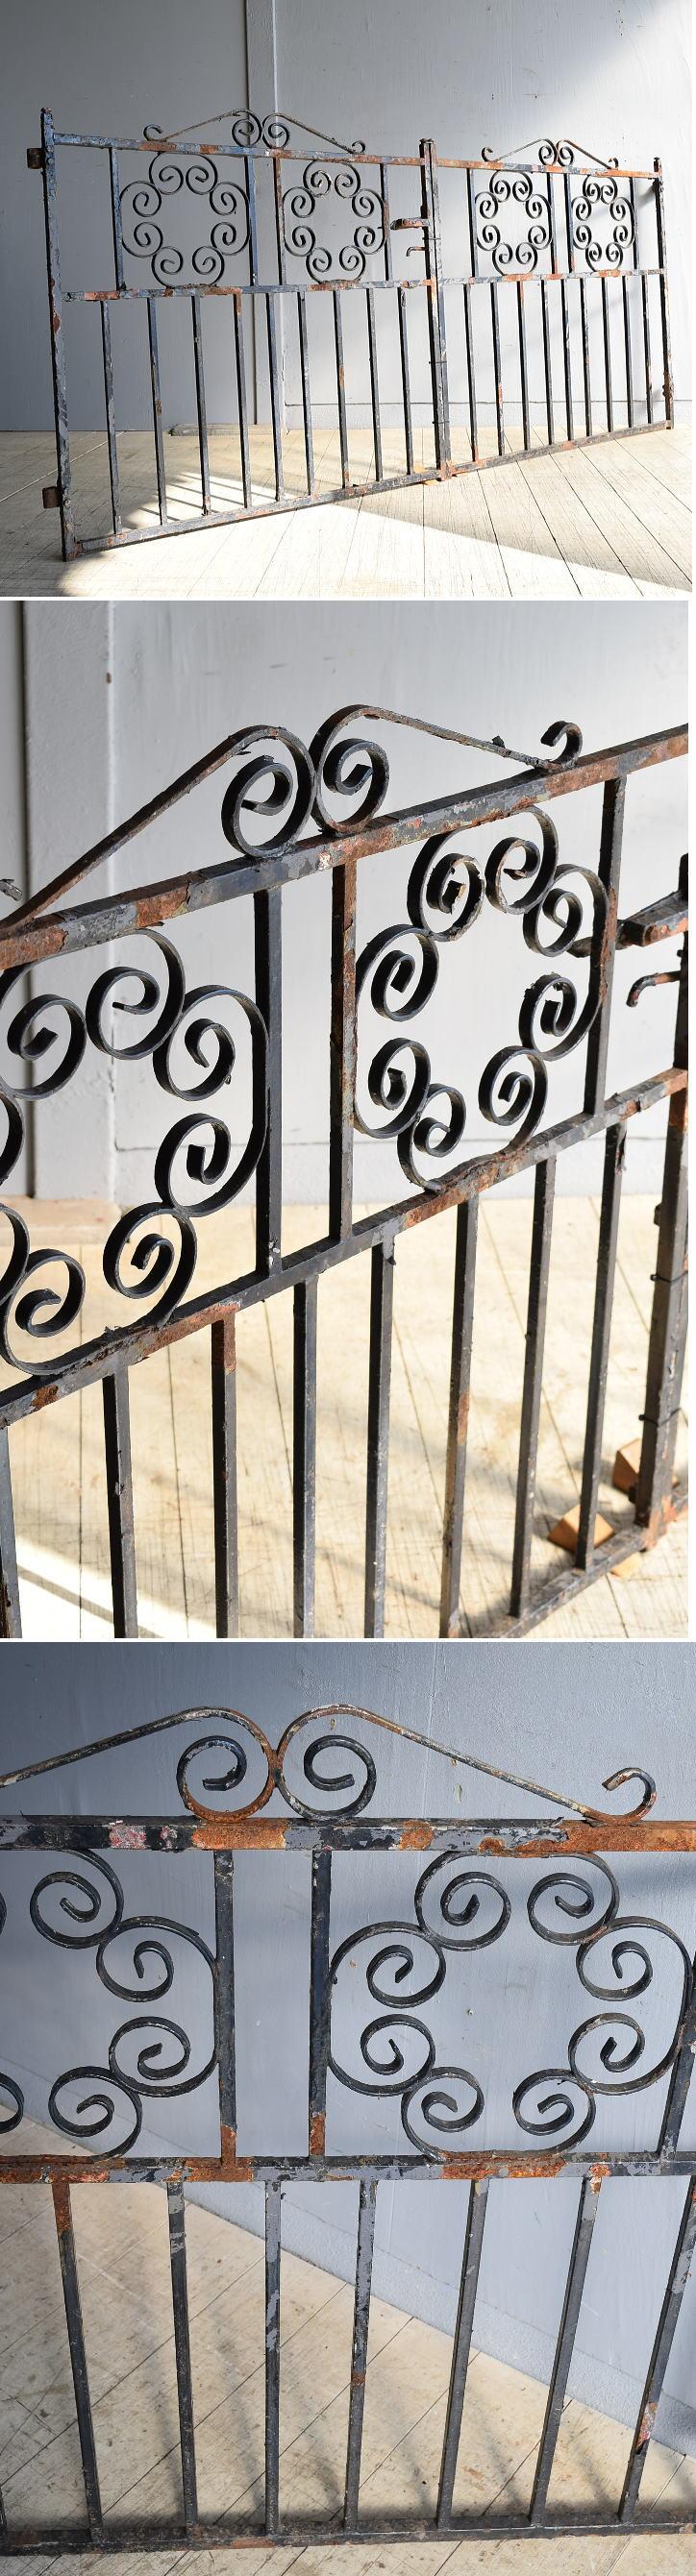 イギリス アンティーク アイアンフェンス ゲート柵 8249